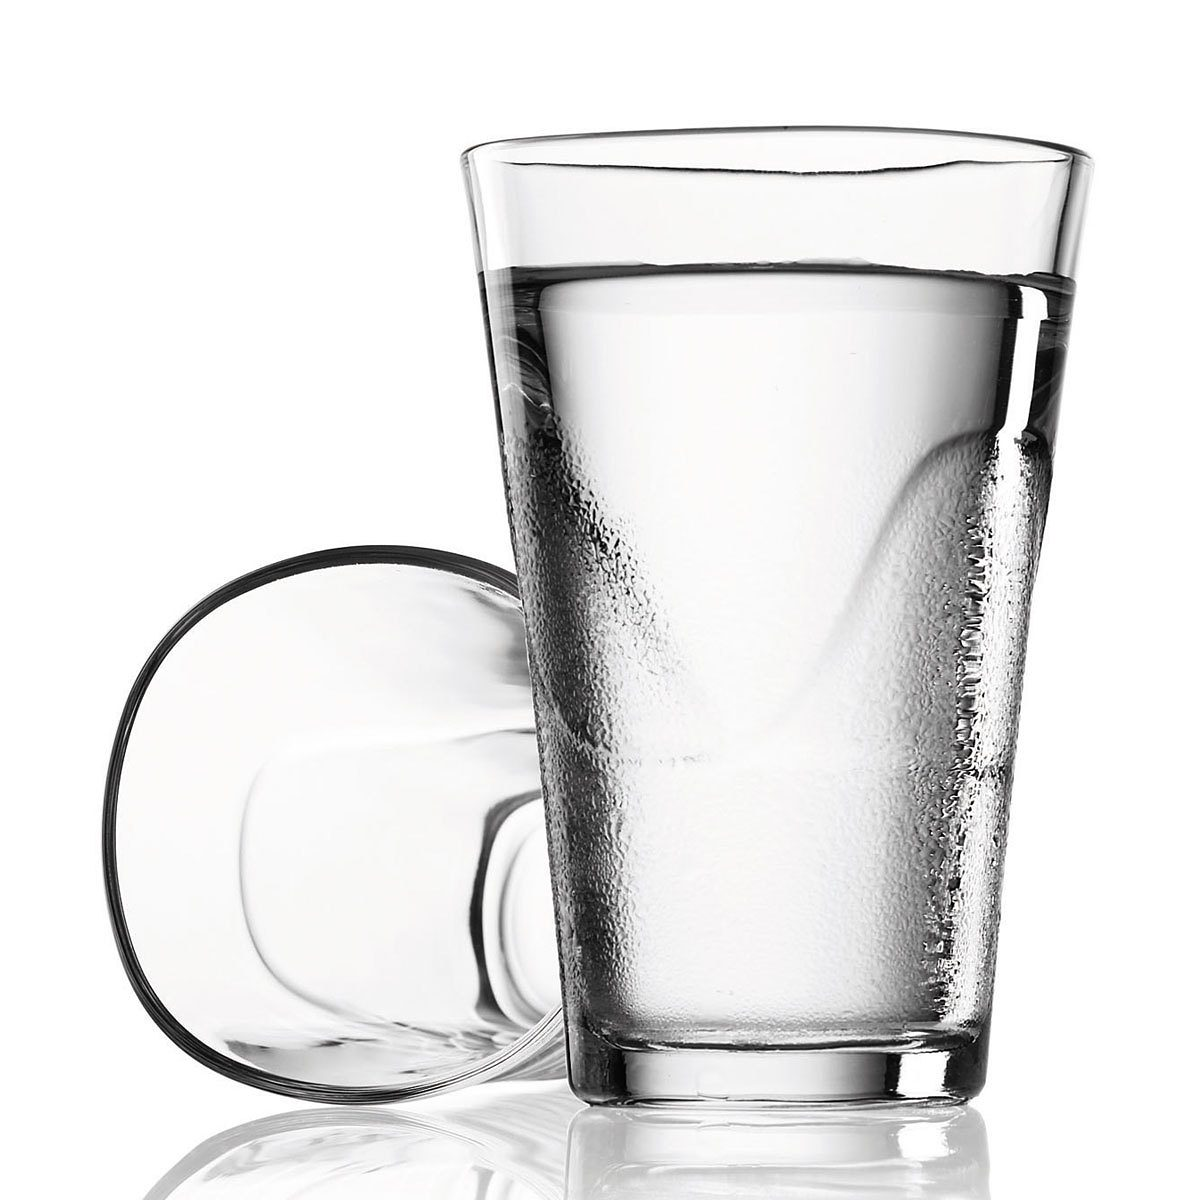 MENU Menu Gläser 300ml - 4er Set